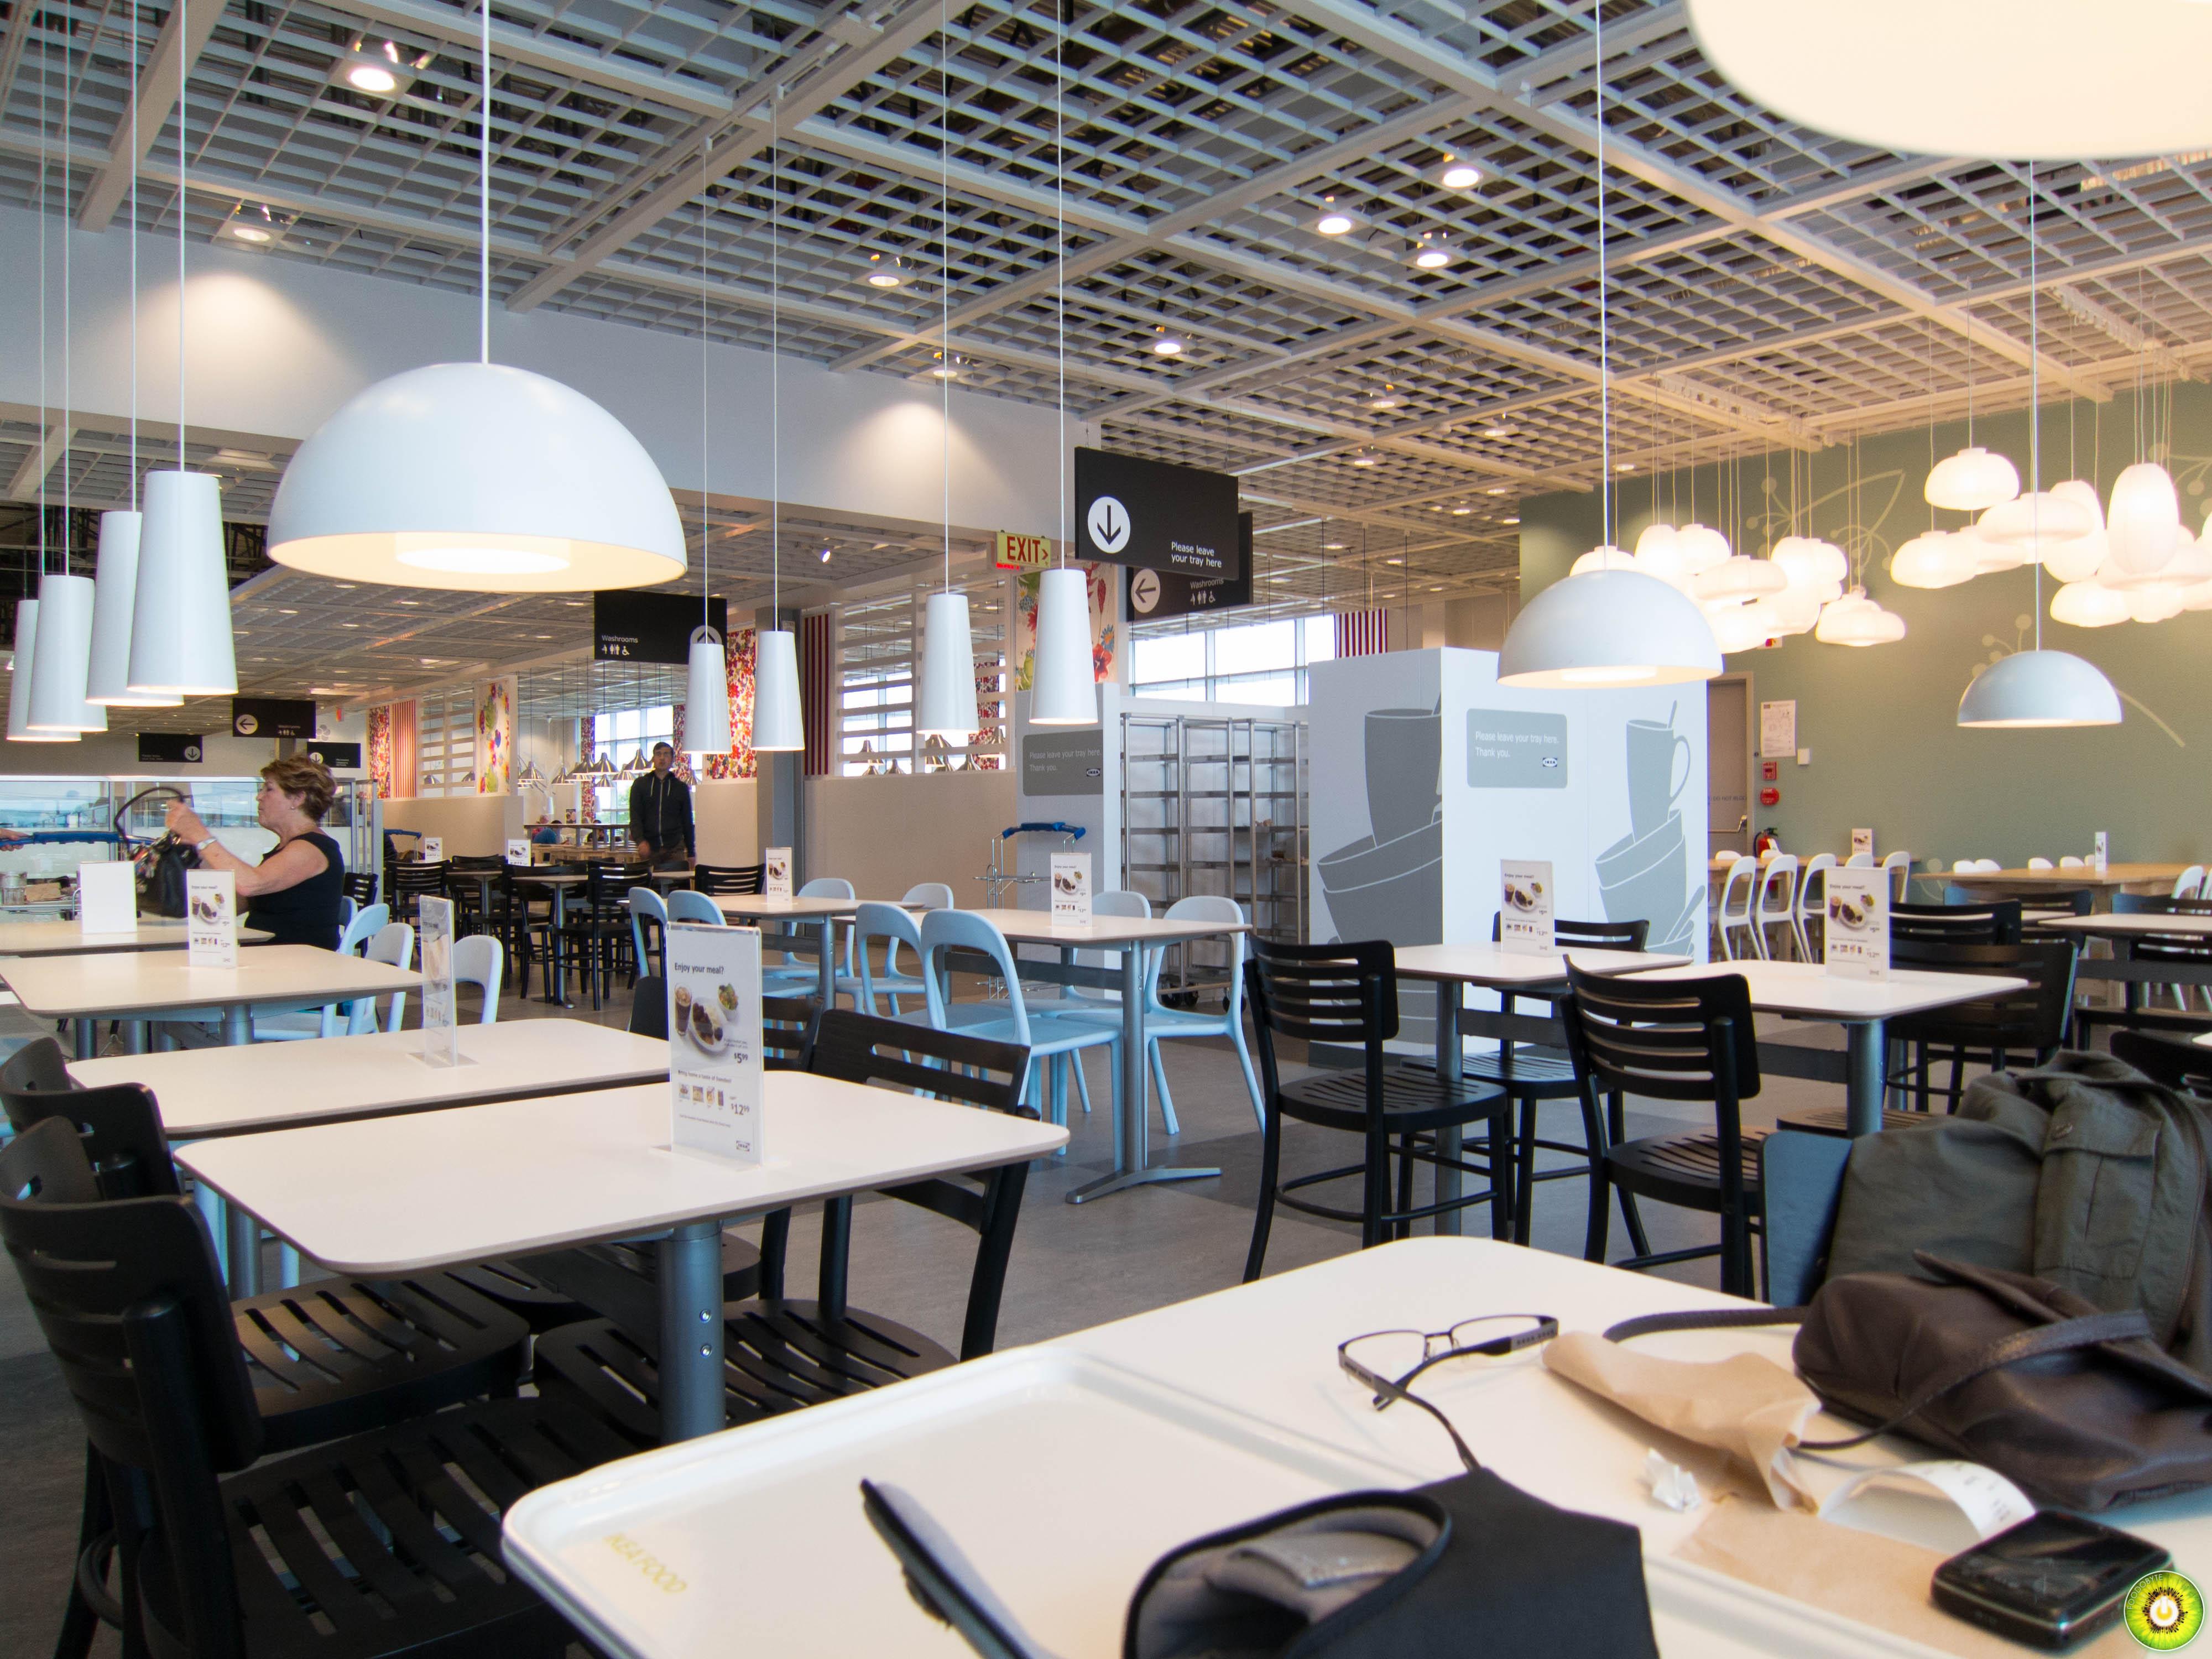 IKEA Food & Furniture